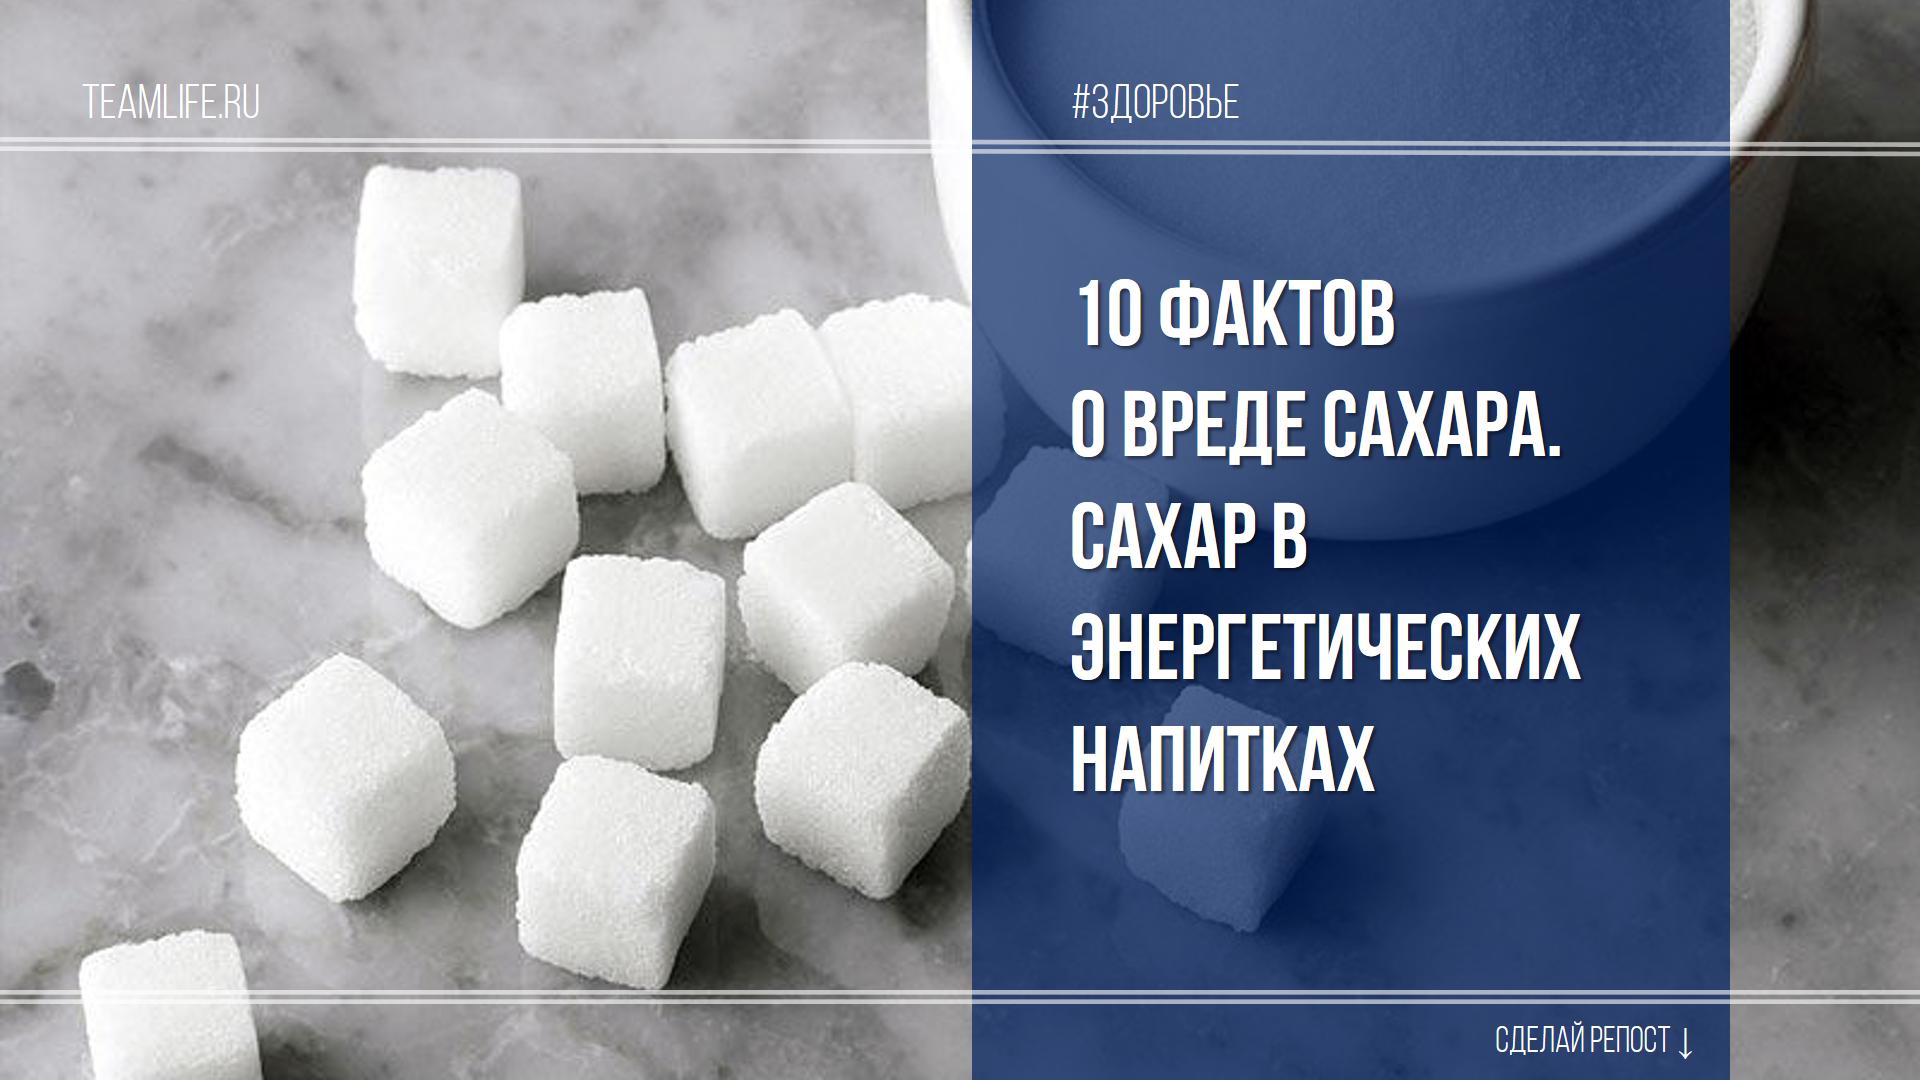 10 фактов о вреде сахара